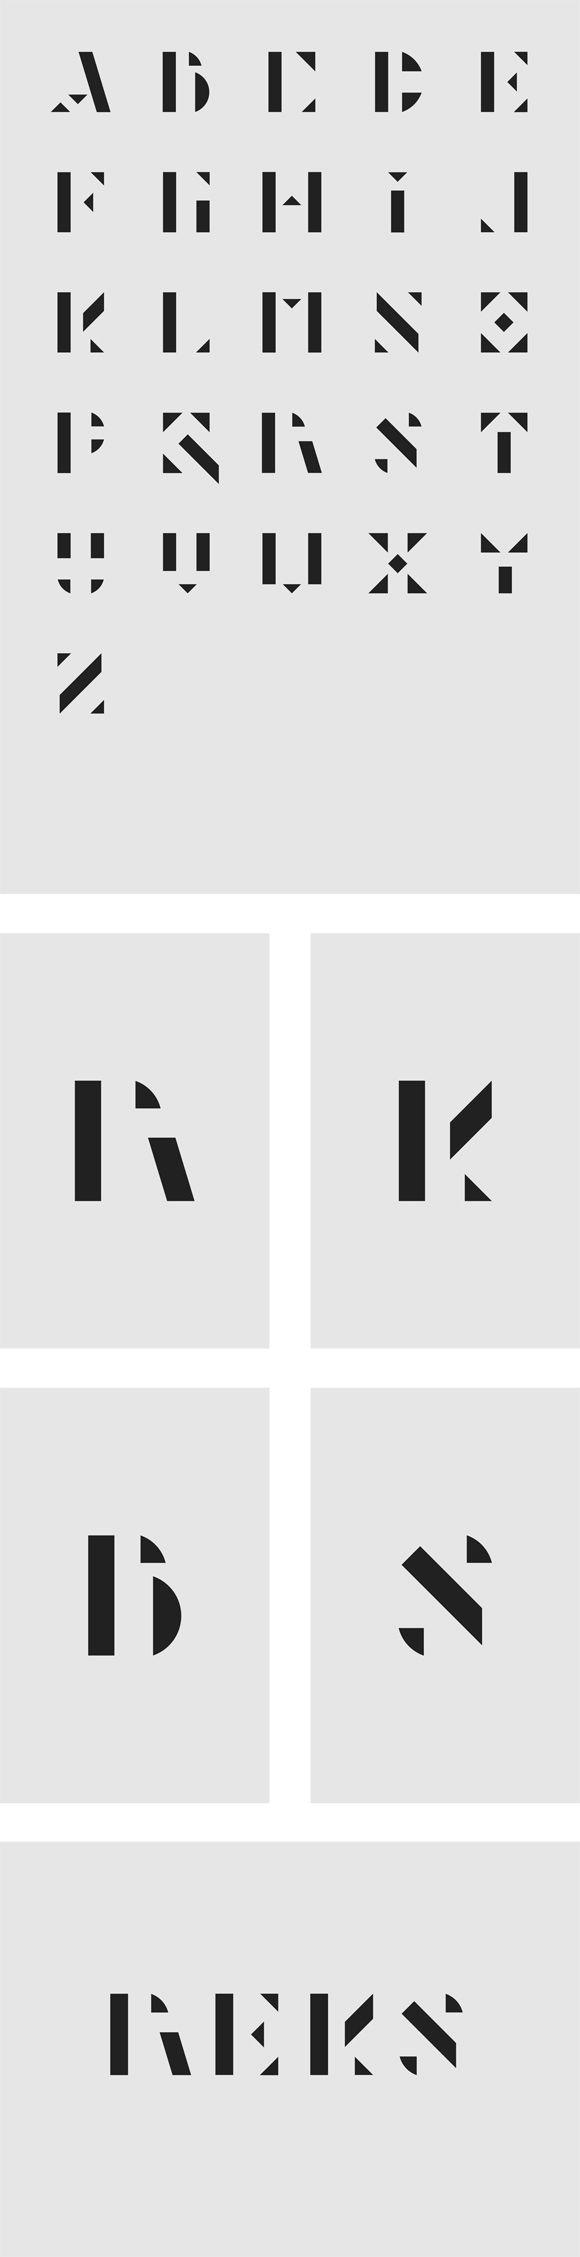 Gestalt: Closure. Onze hersenen willen de lege ruimte tussen vormen in een letter opvullen.